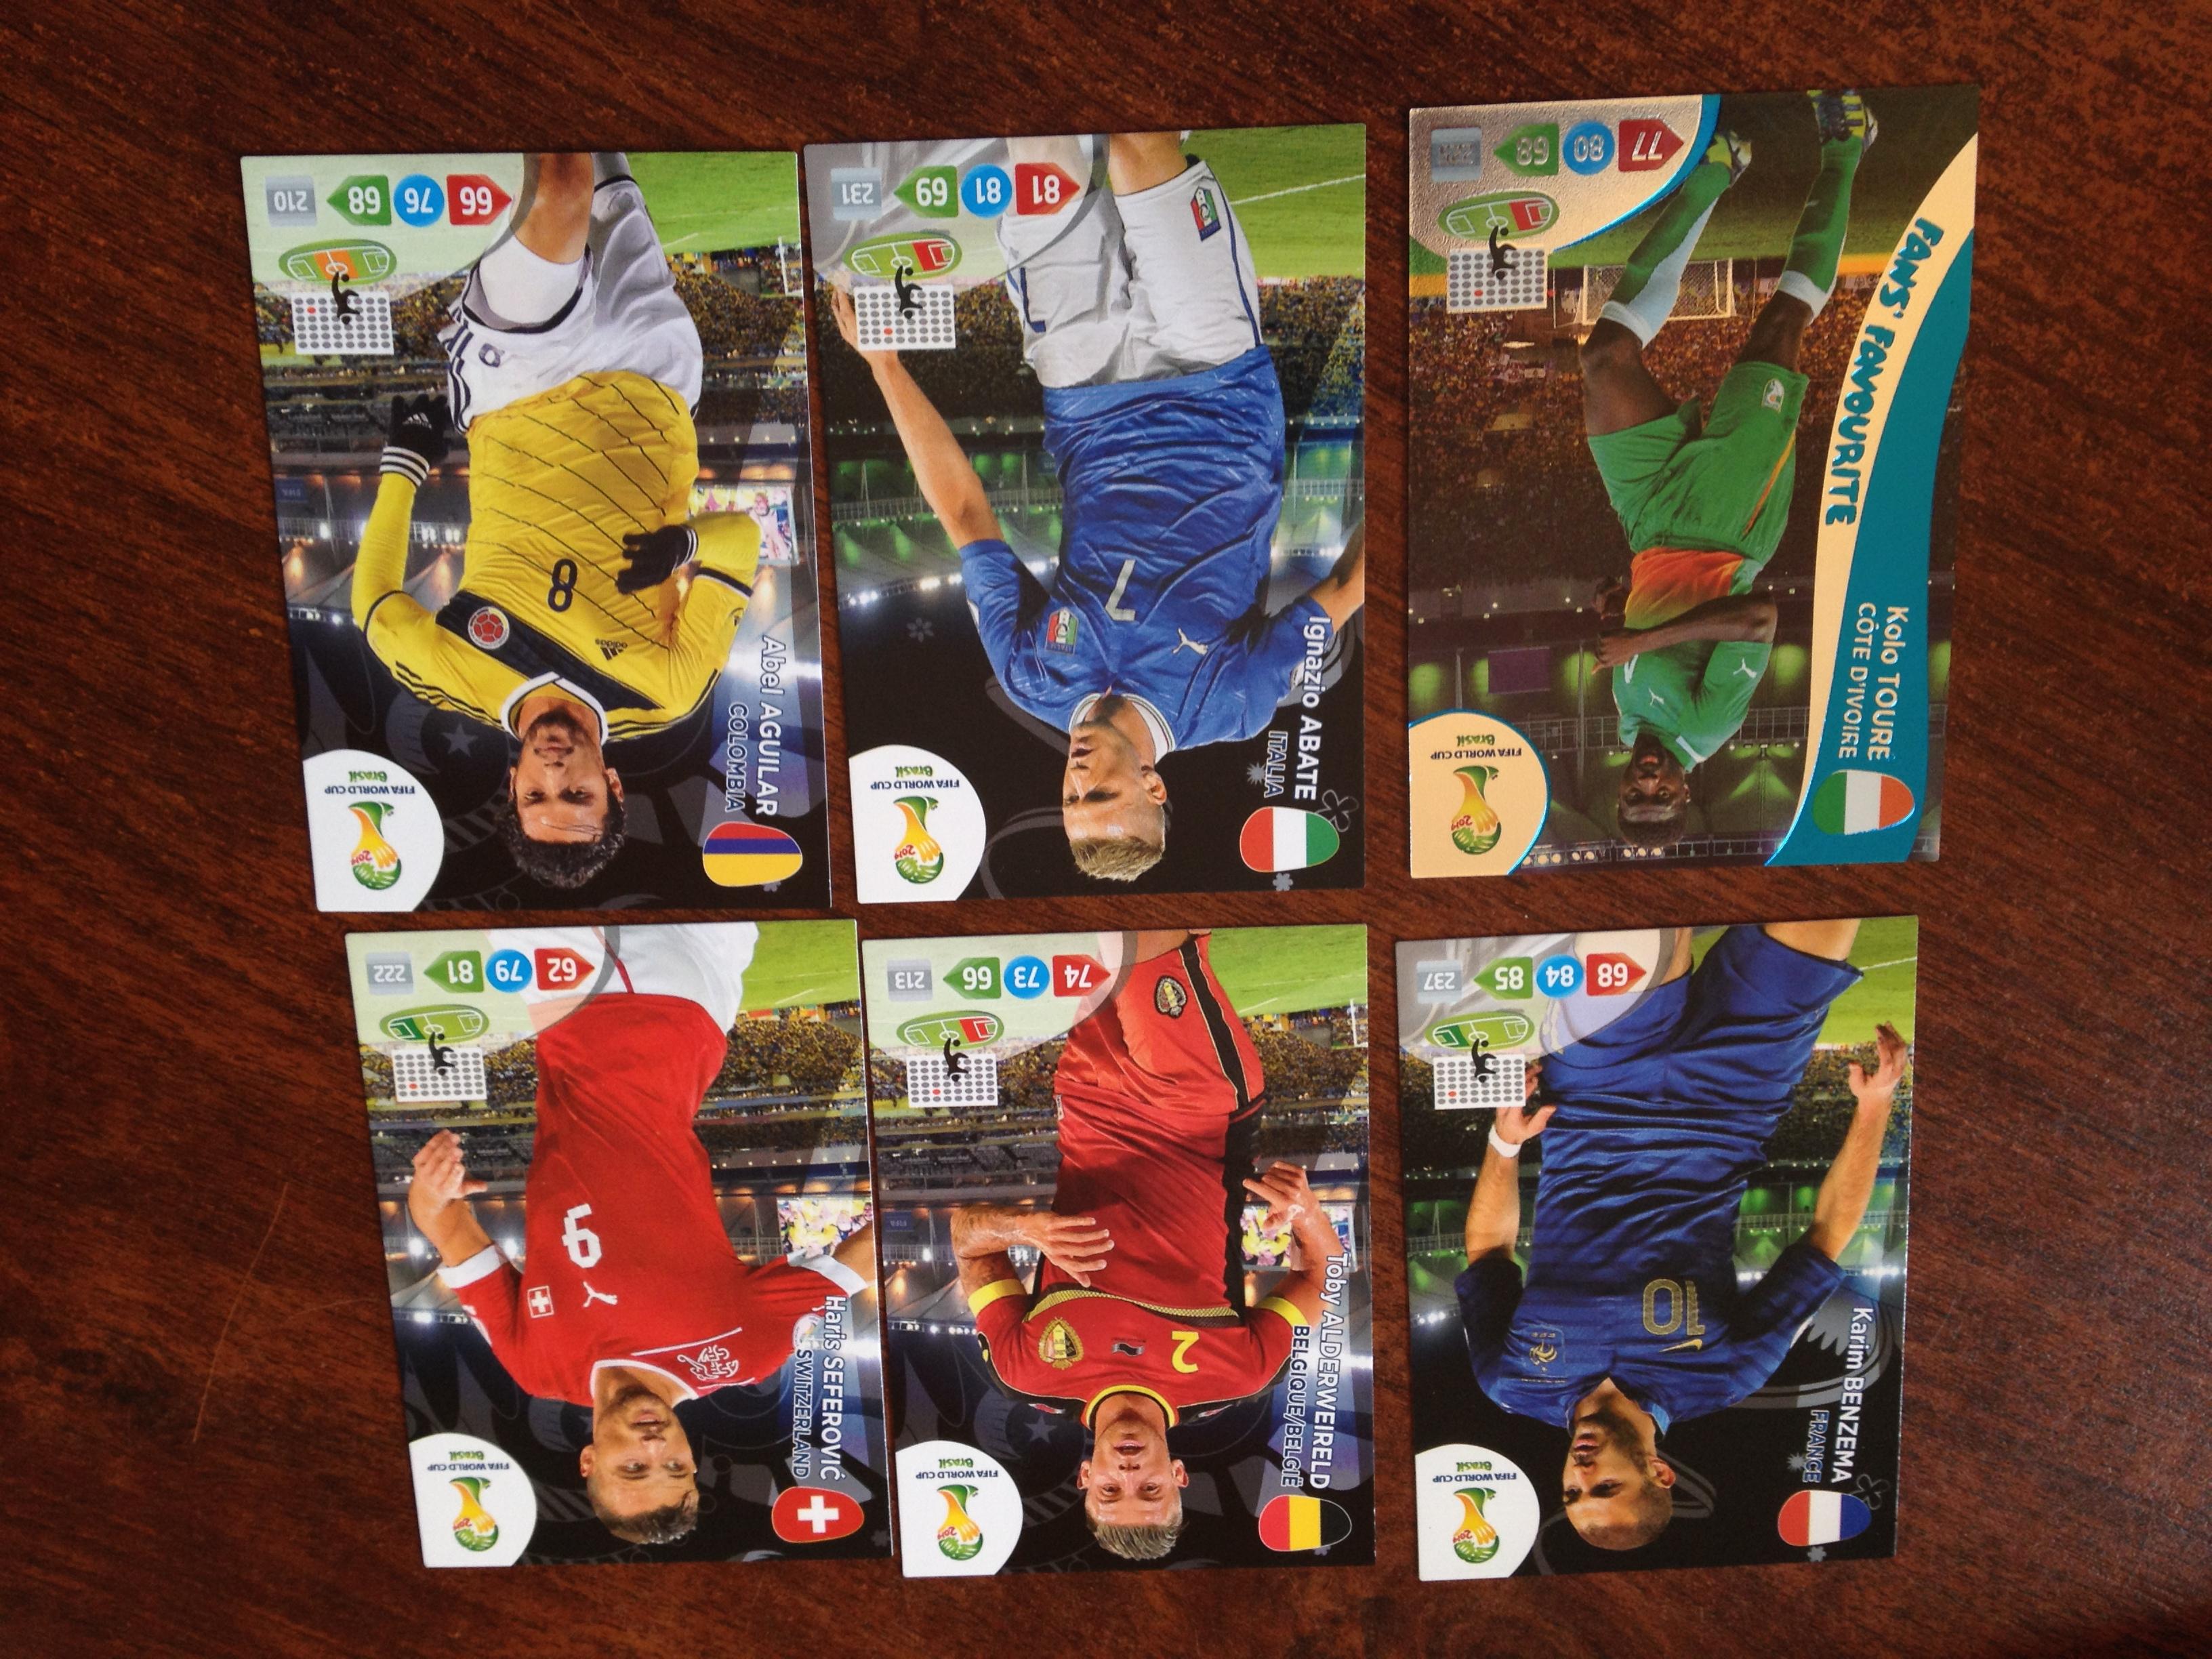 D ballage cartes panini adrenalyn coupe du monde 2014 jeux sorties papa maman moi jspmm - Carte coupe du monde 2014 ...